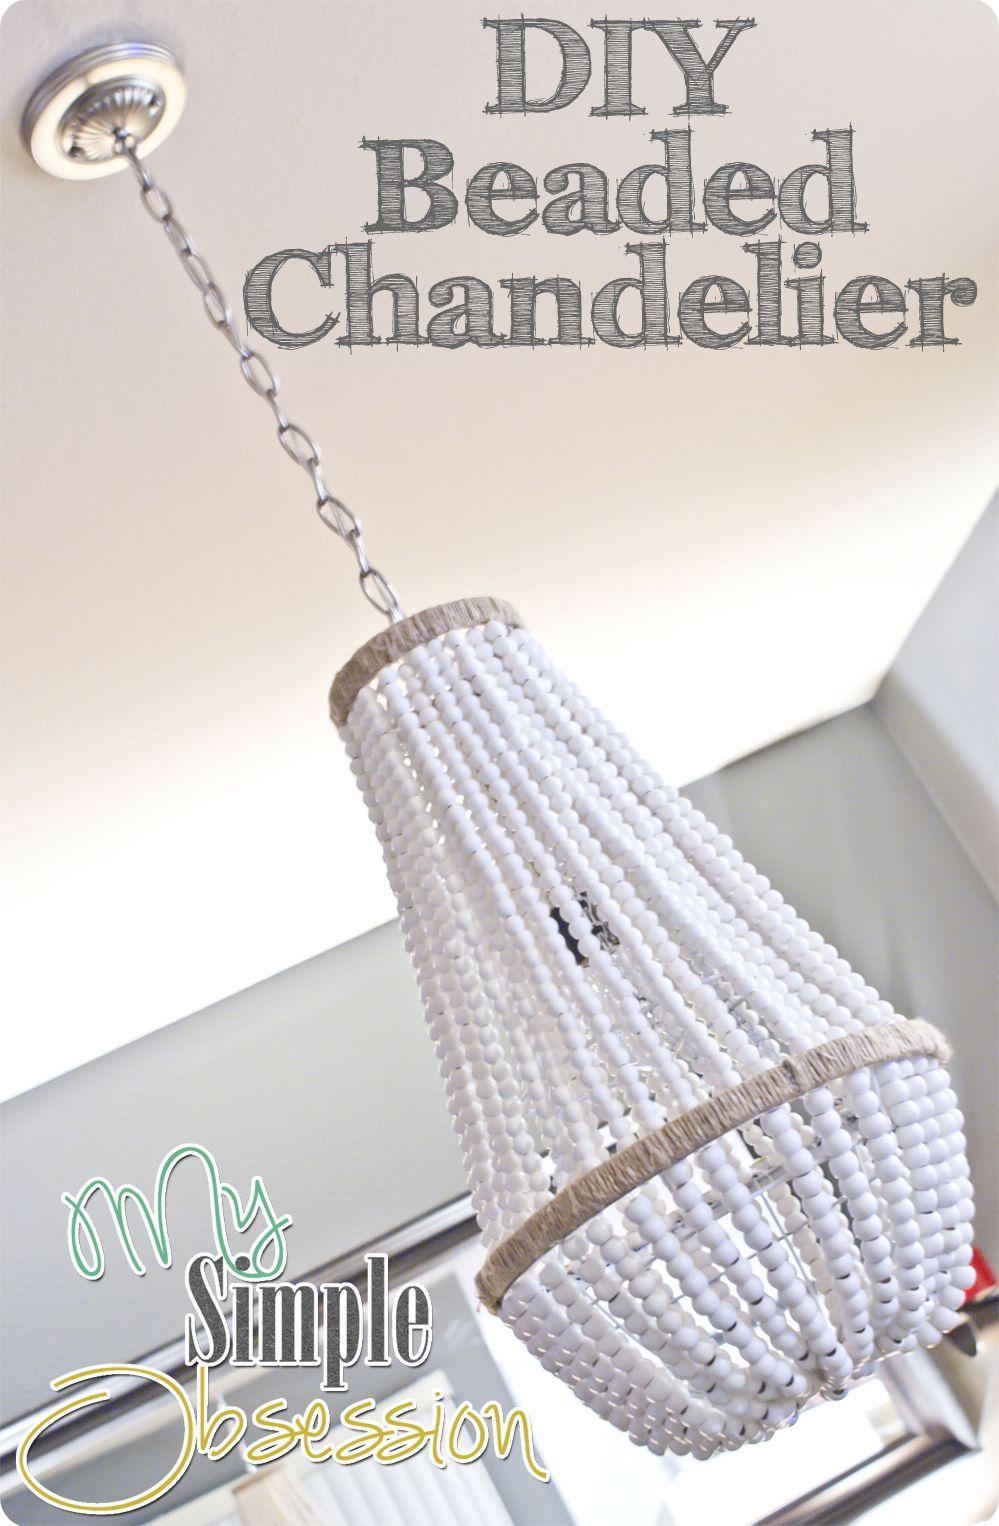 Diy beaded chandelier con mostacillas de vidrio transparente bello diy beaded chandelier con mostacillas de vidrio transparente bello aloadofball Images